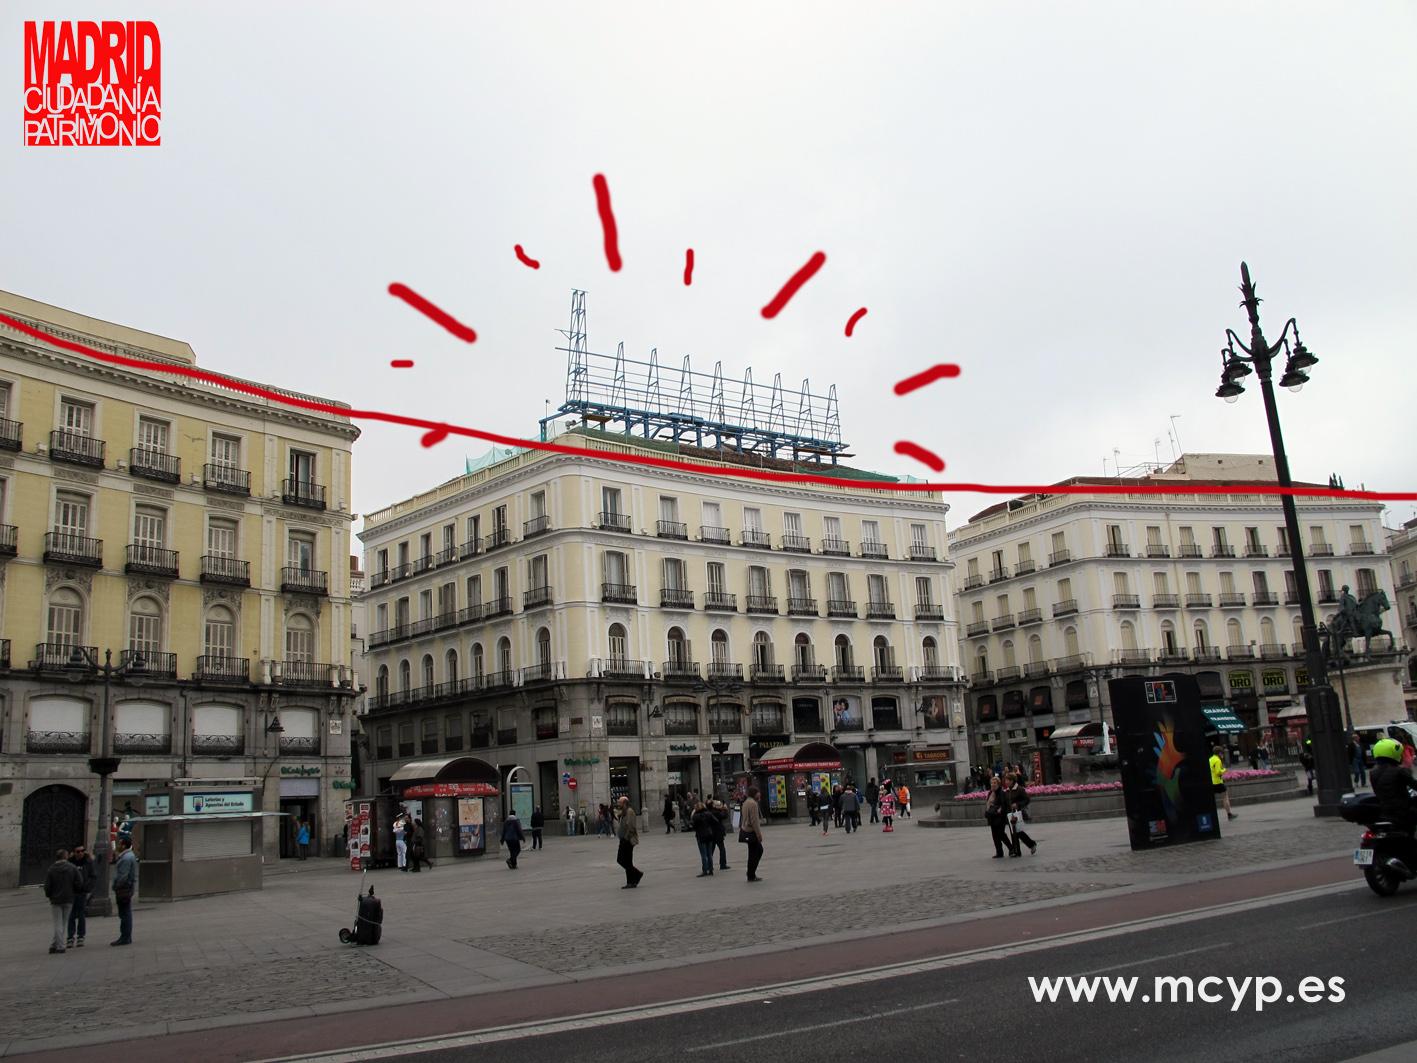 Mcyp se queja por el mal efecto de la nueva instalaci n for Puerta del sol hoy